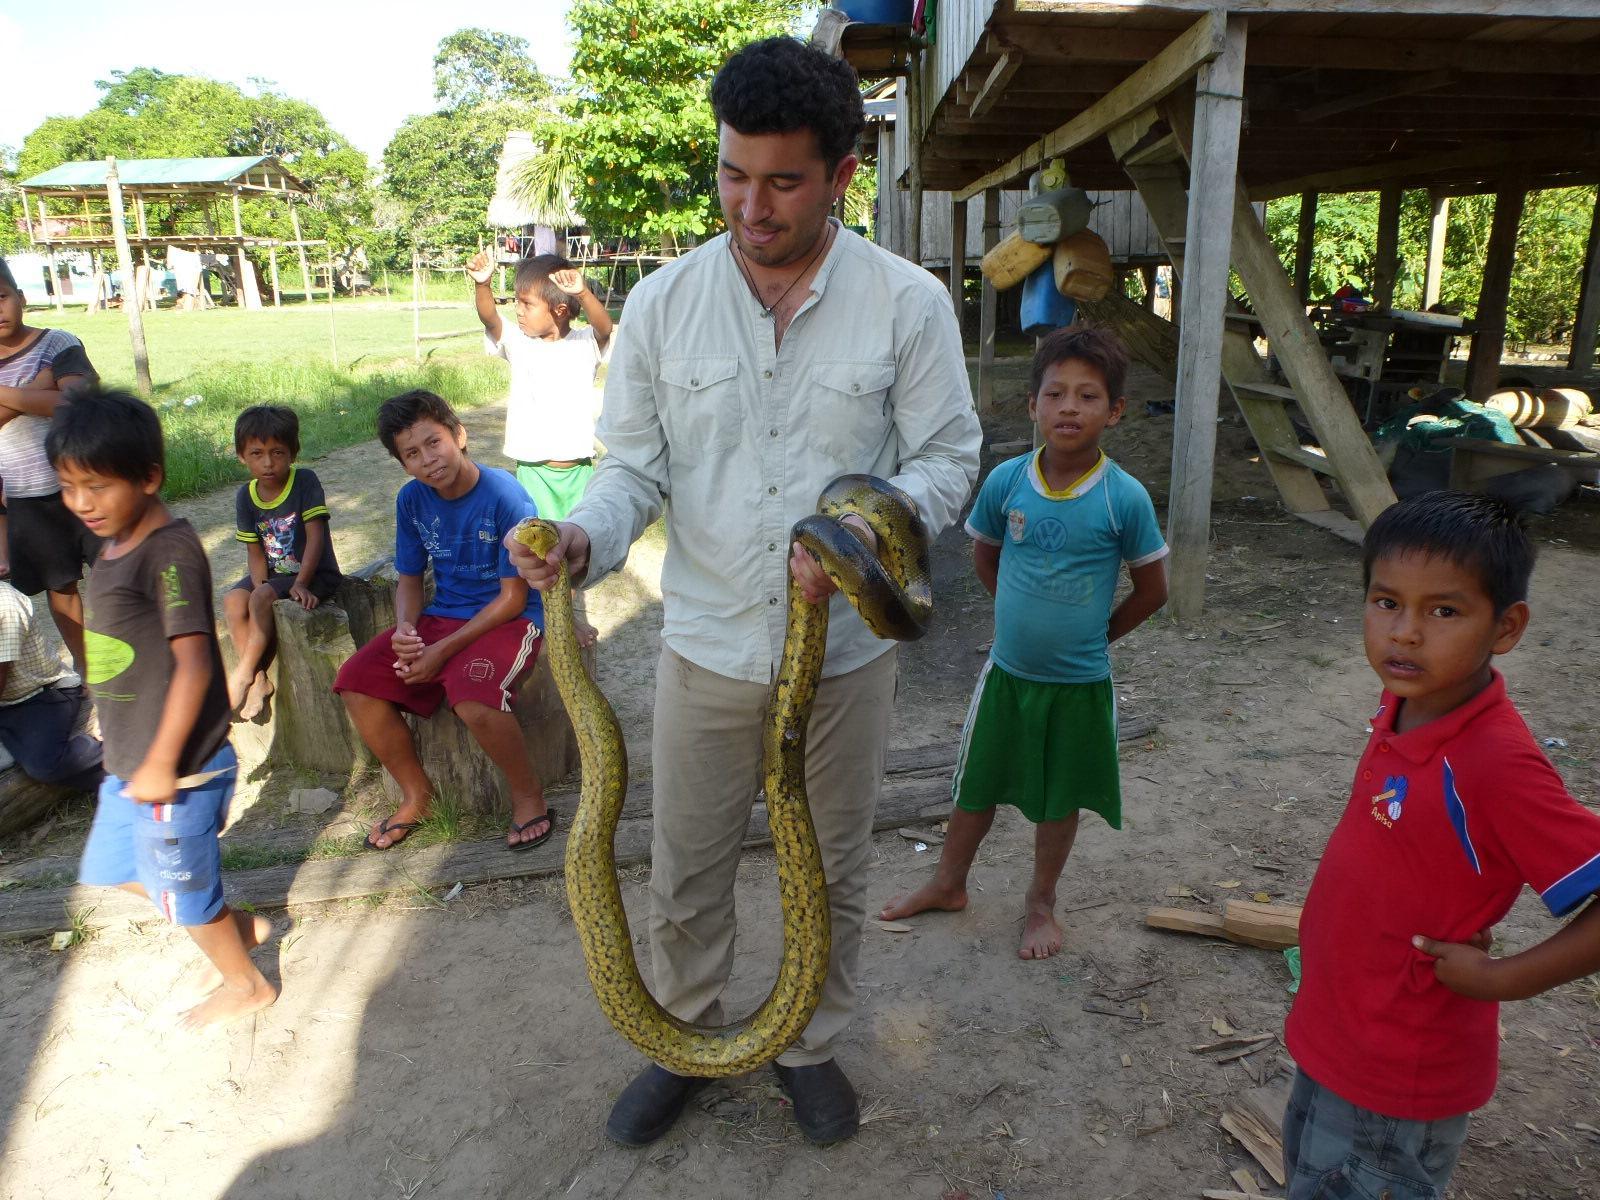 Ricardo entertaining some children